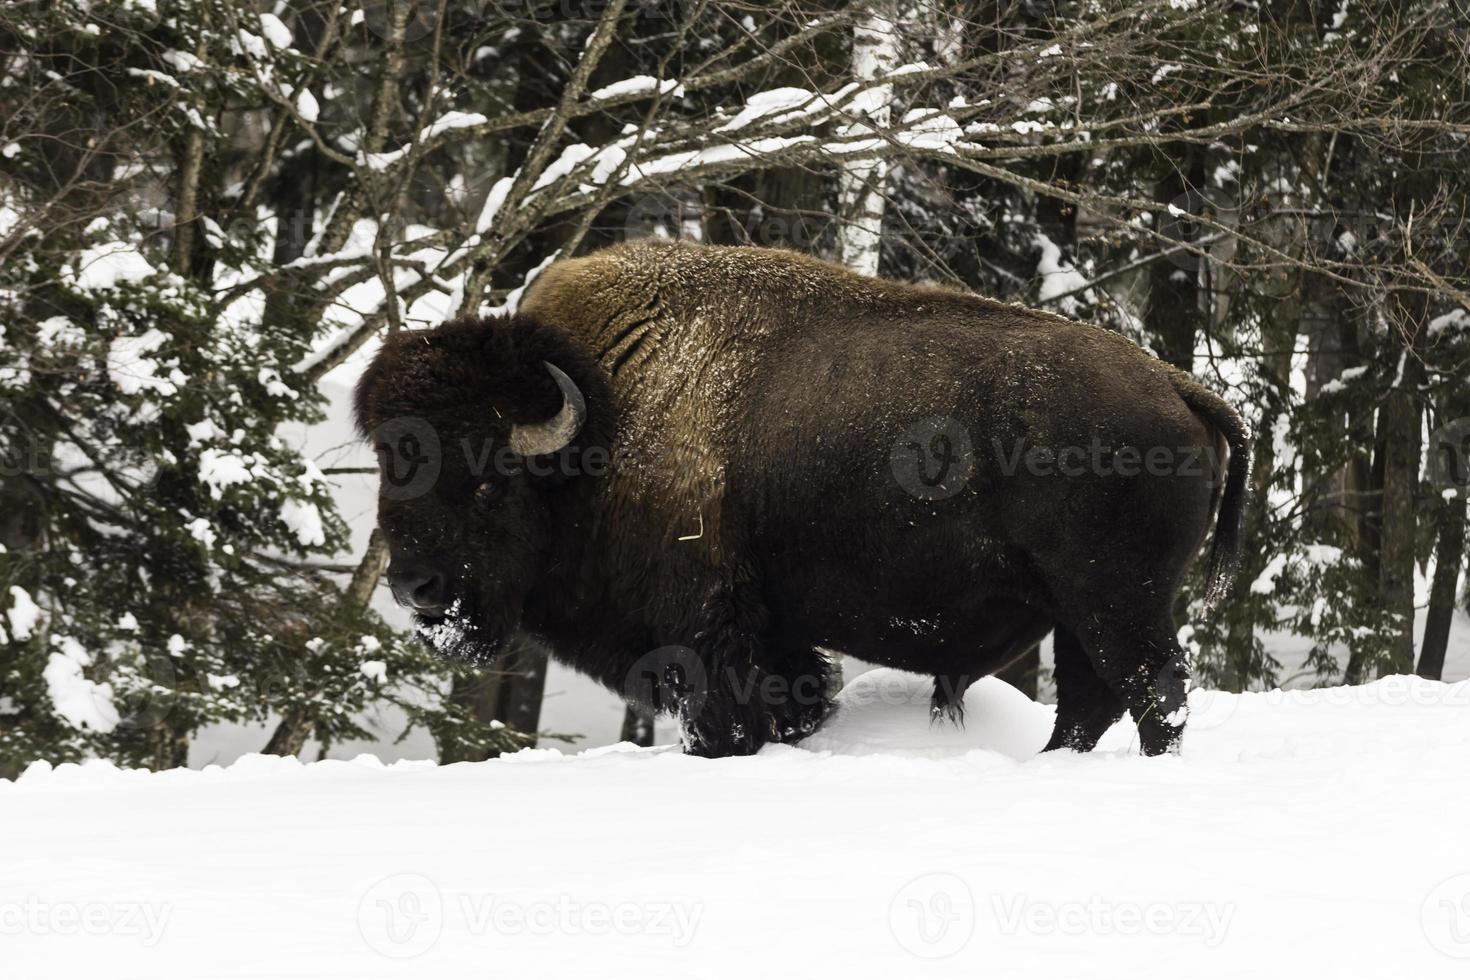 gran búfalo de campo americano en invierno foto